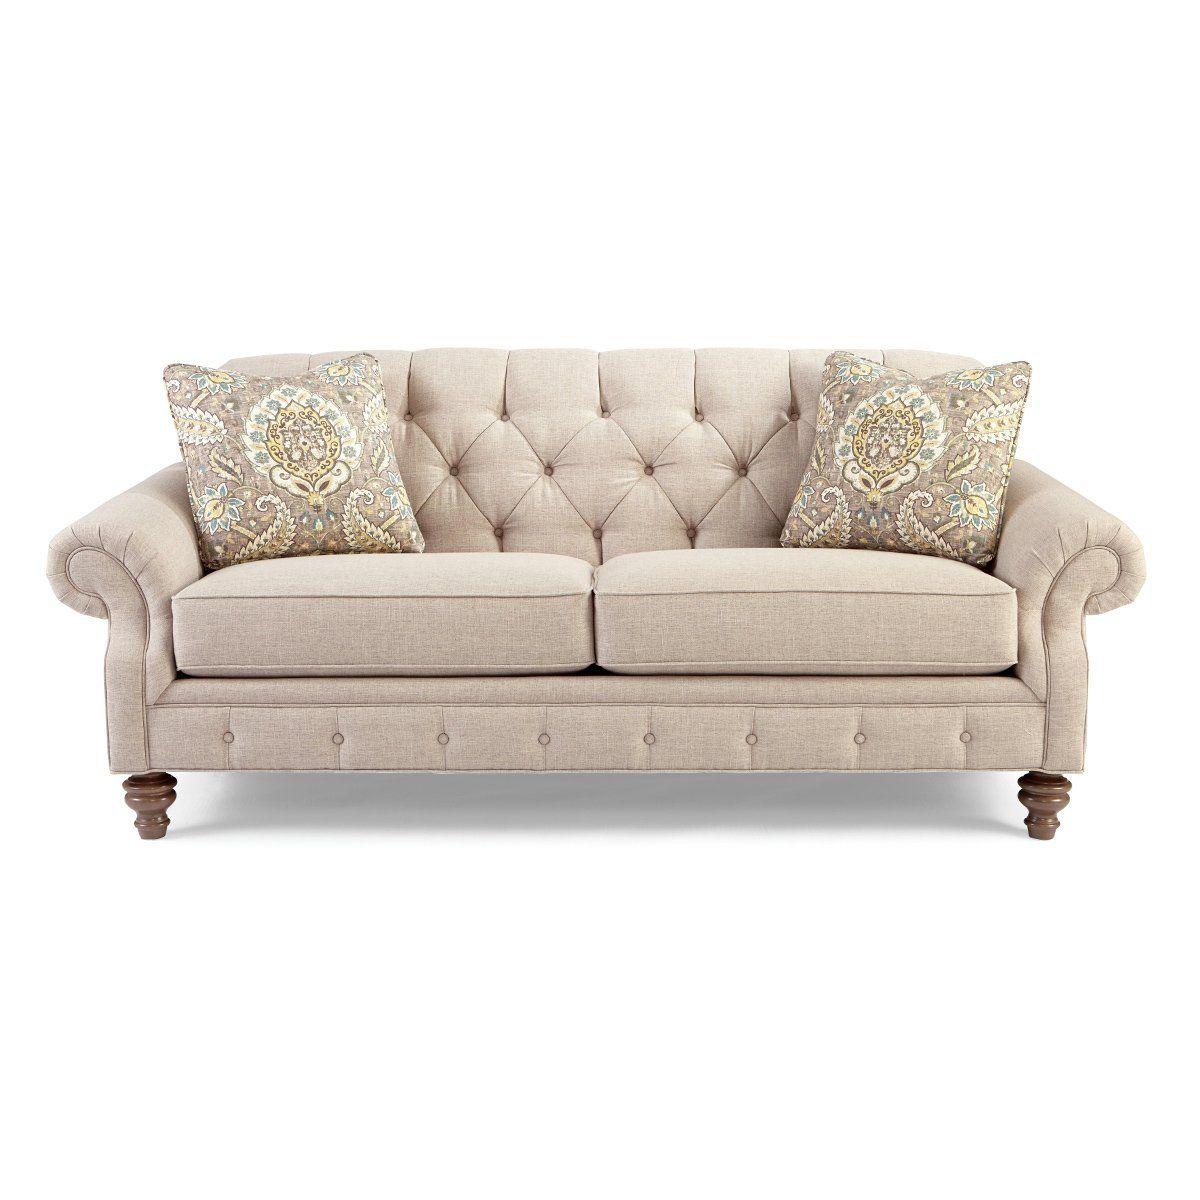 Sandy Sofa In 2020 Living Room Sofa Tufted Sofa Sofa Furniture